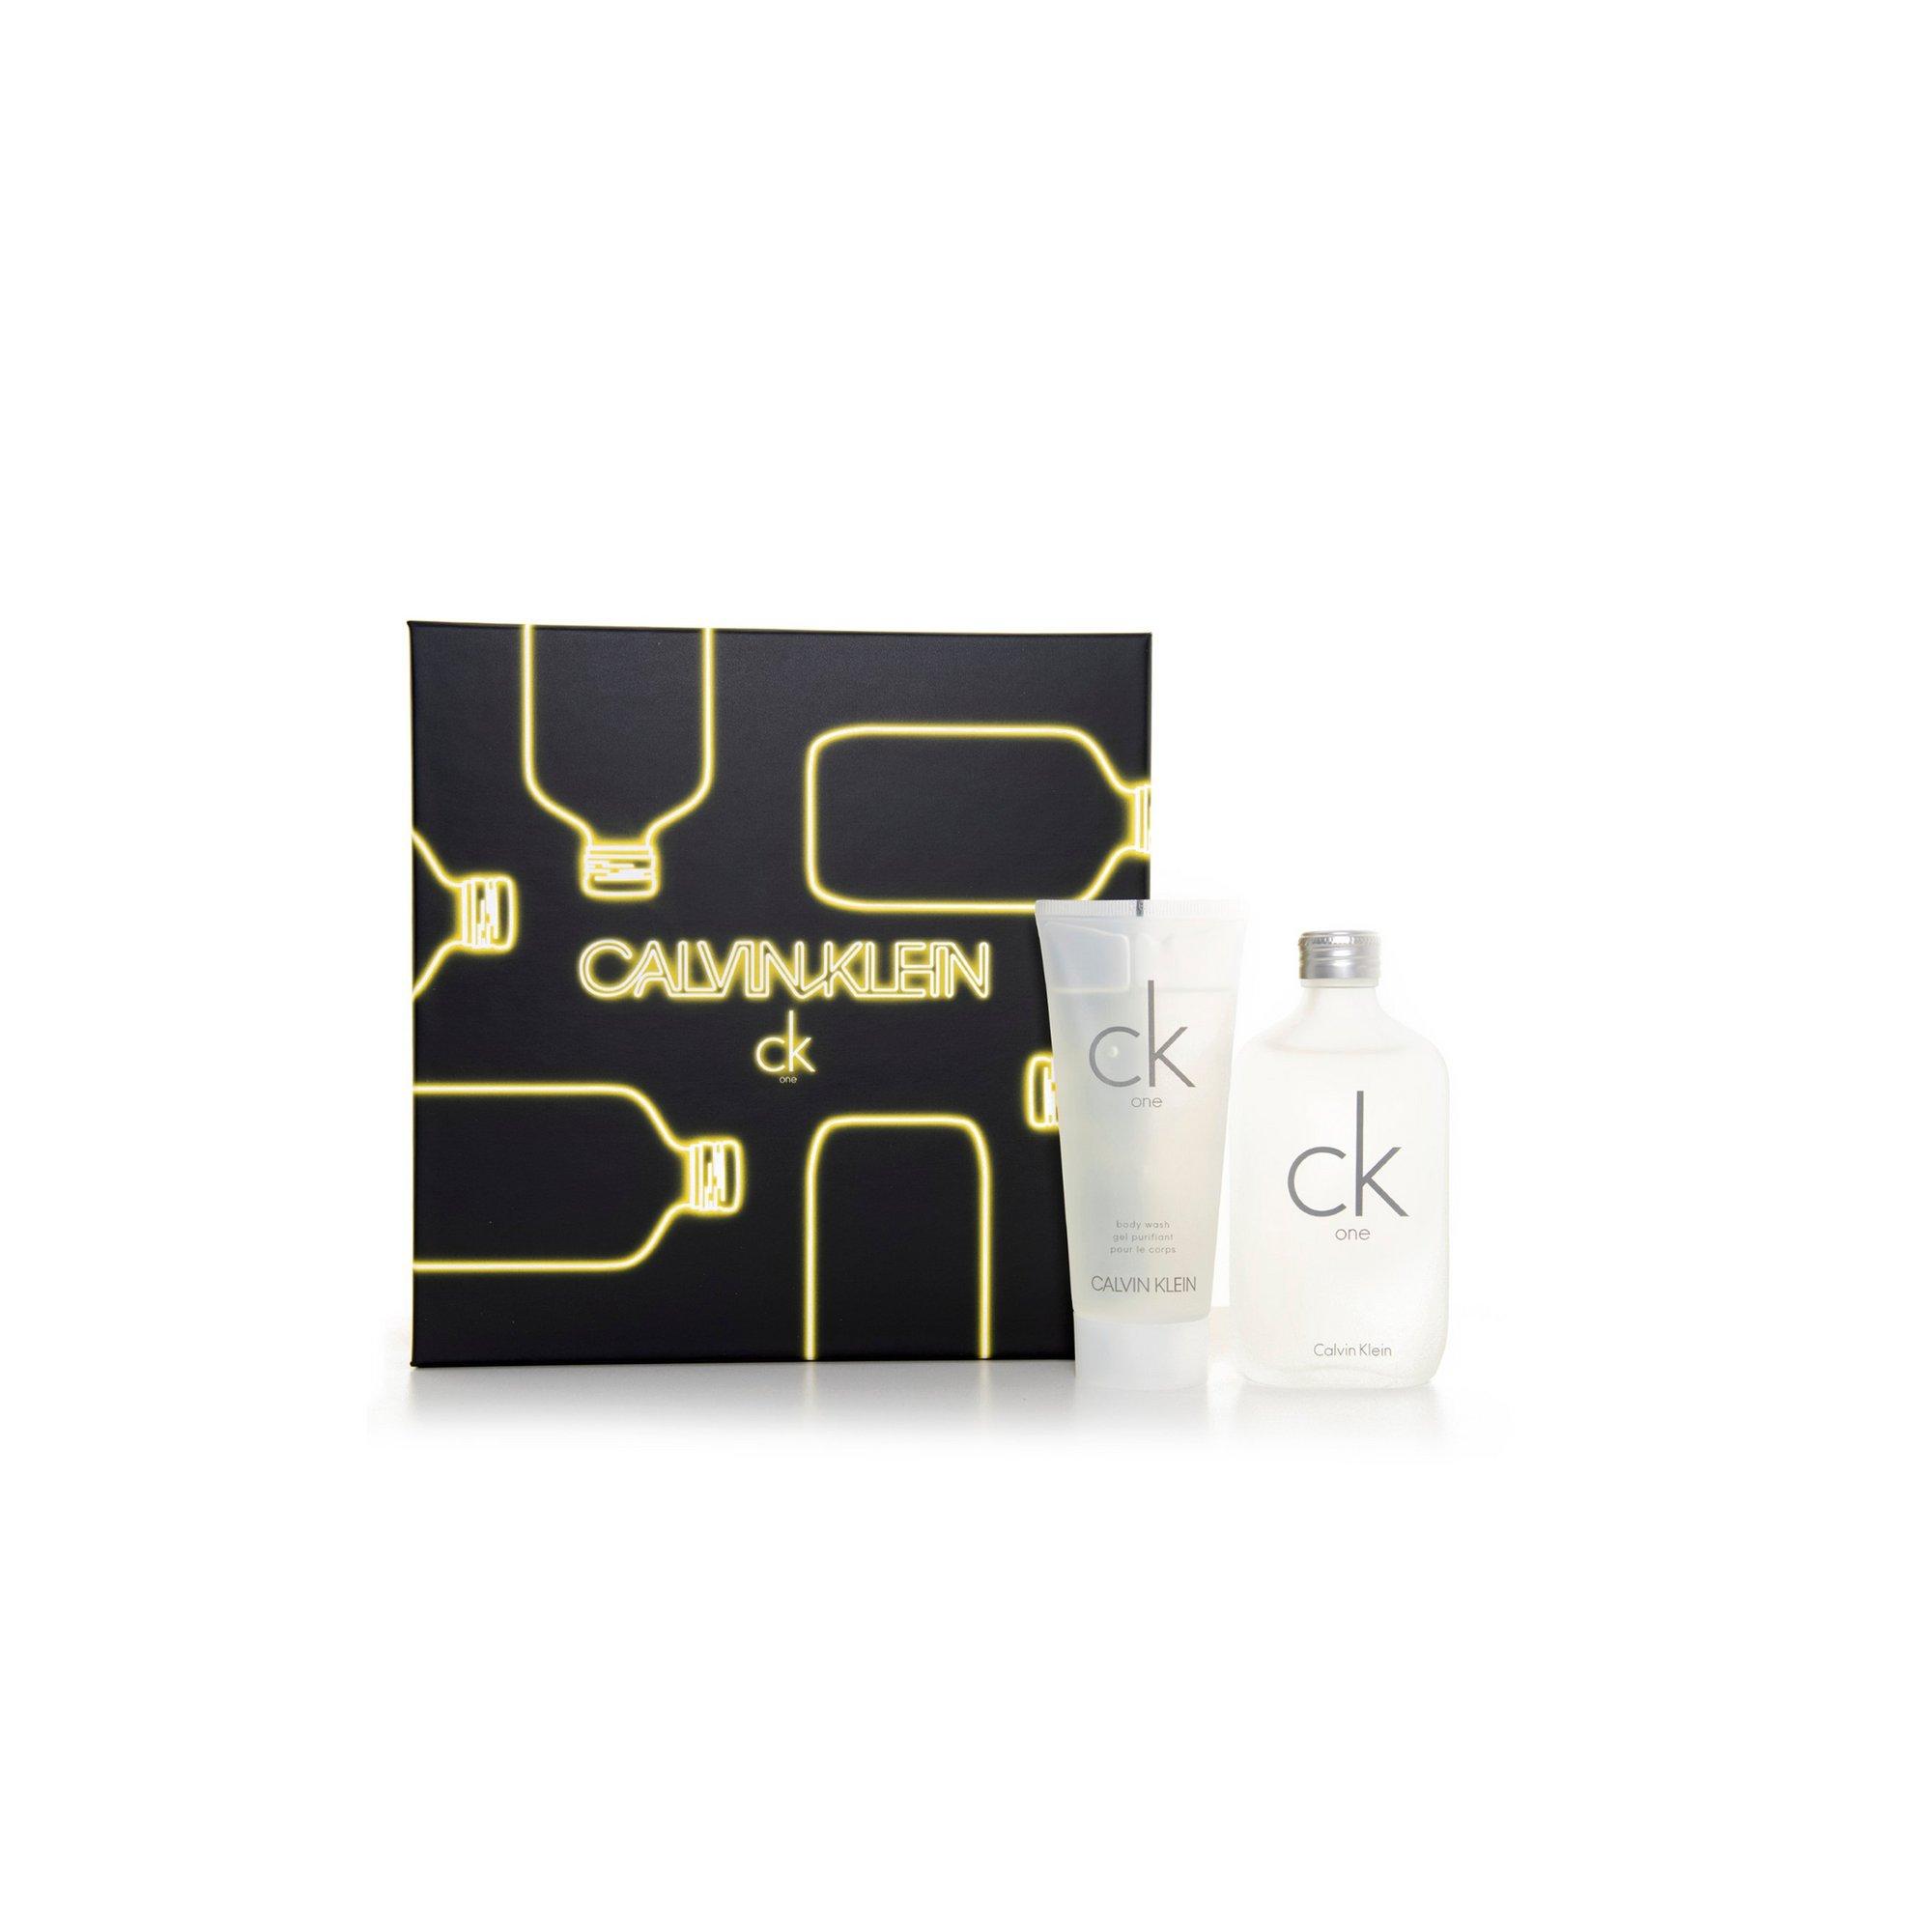 Image of Calvin Klein CK One 100ml EDT 3-Piece Gift Set